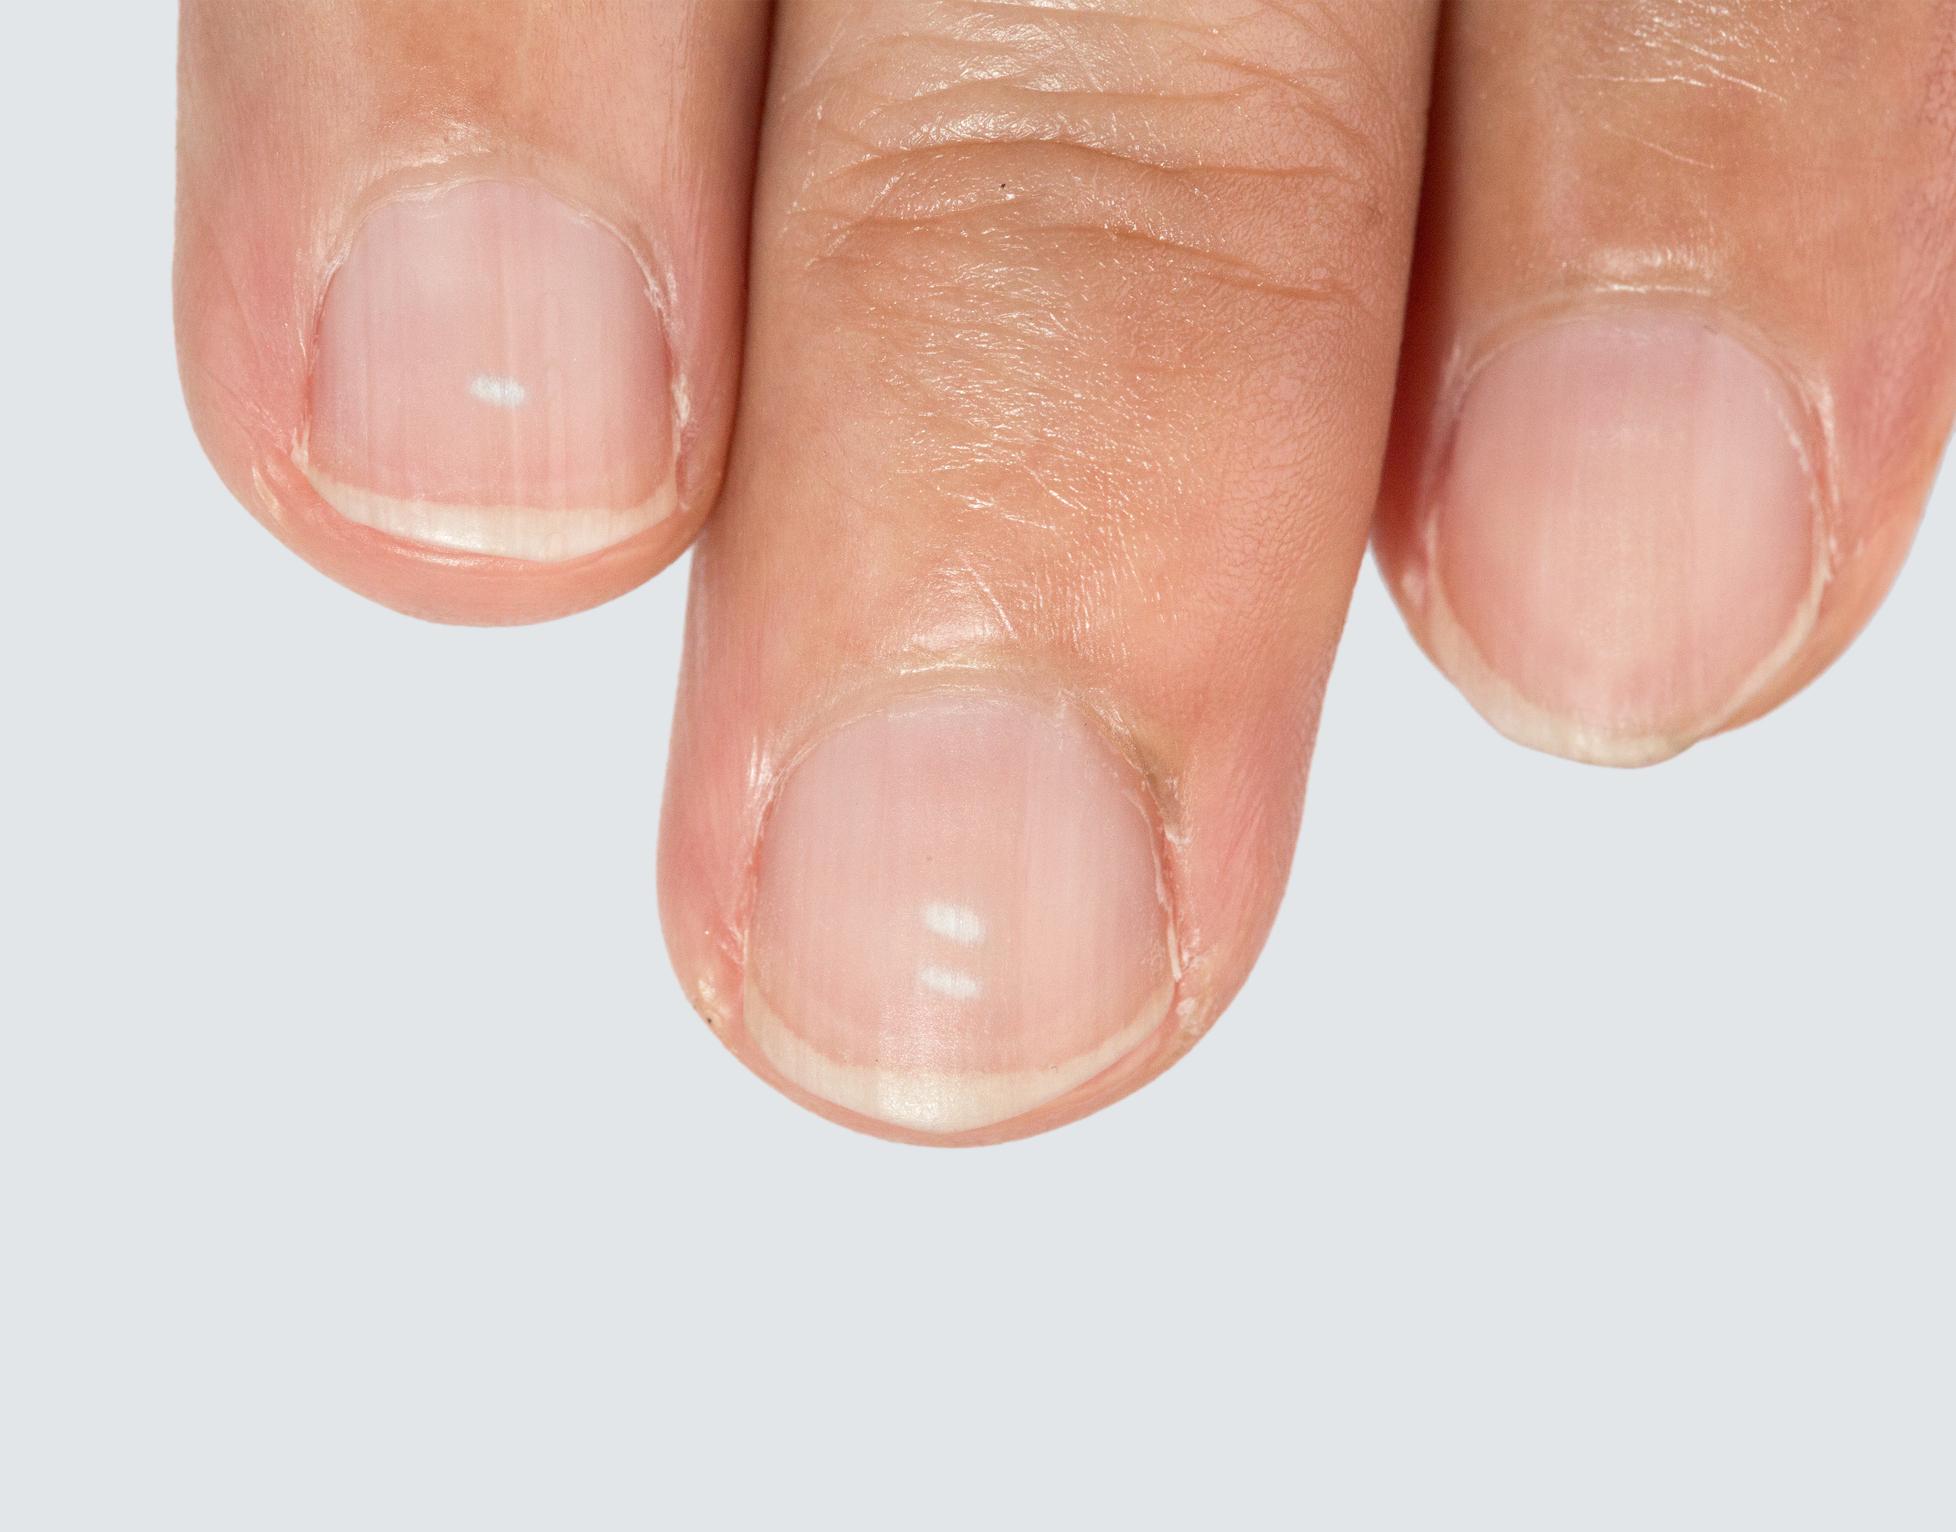 Warum haben meine Fingernägel weiße Flecken? | desired.de